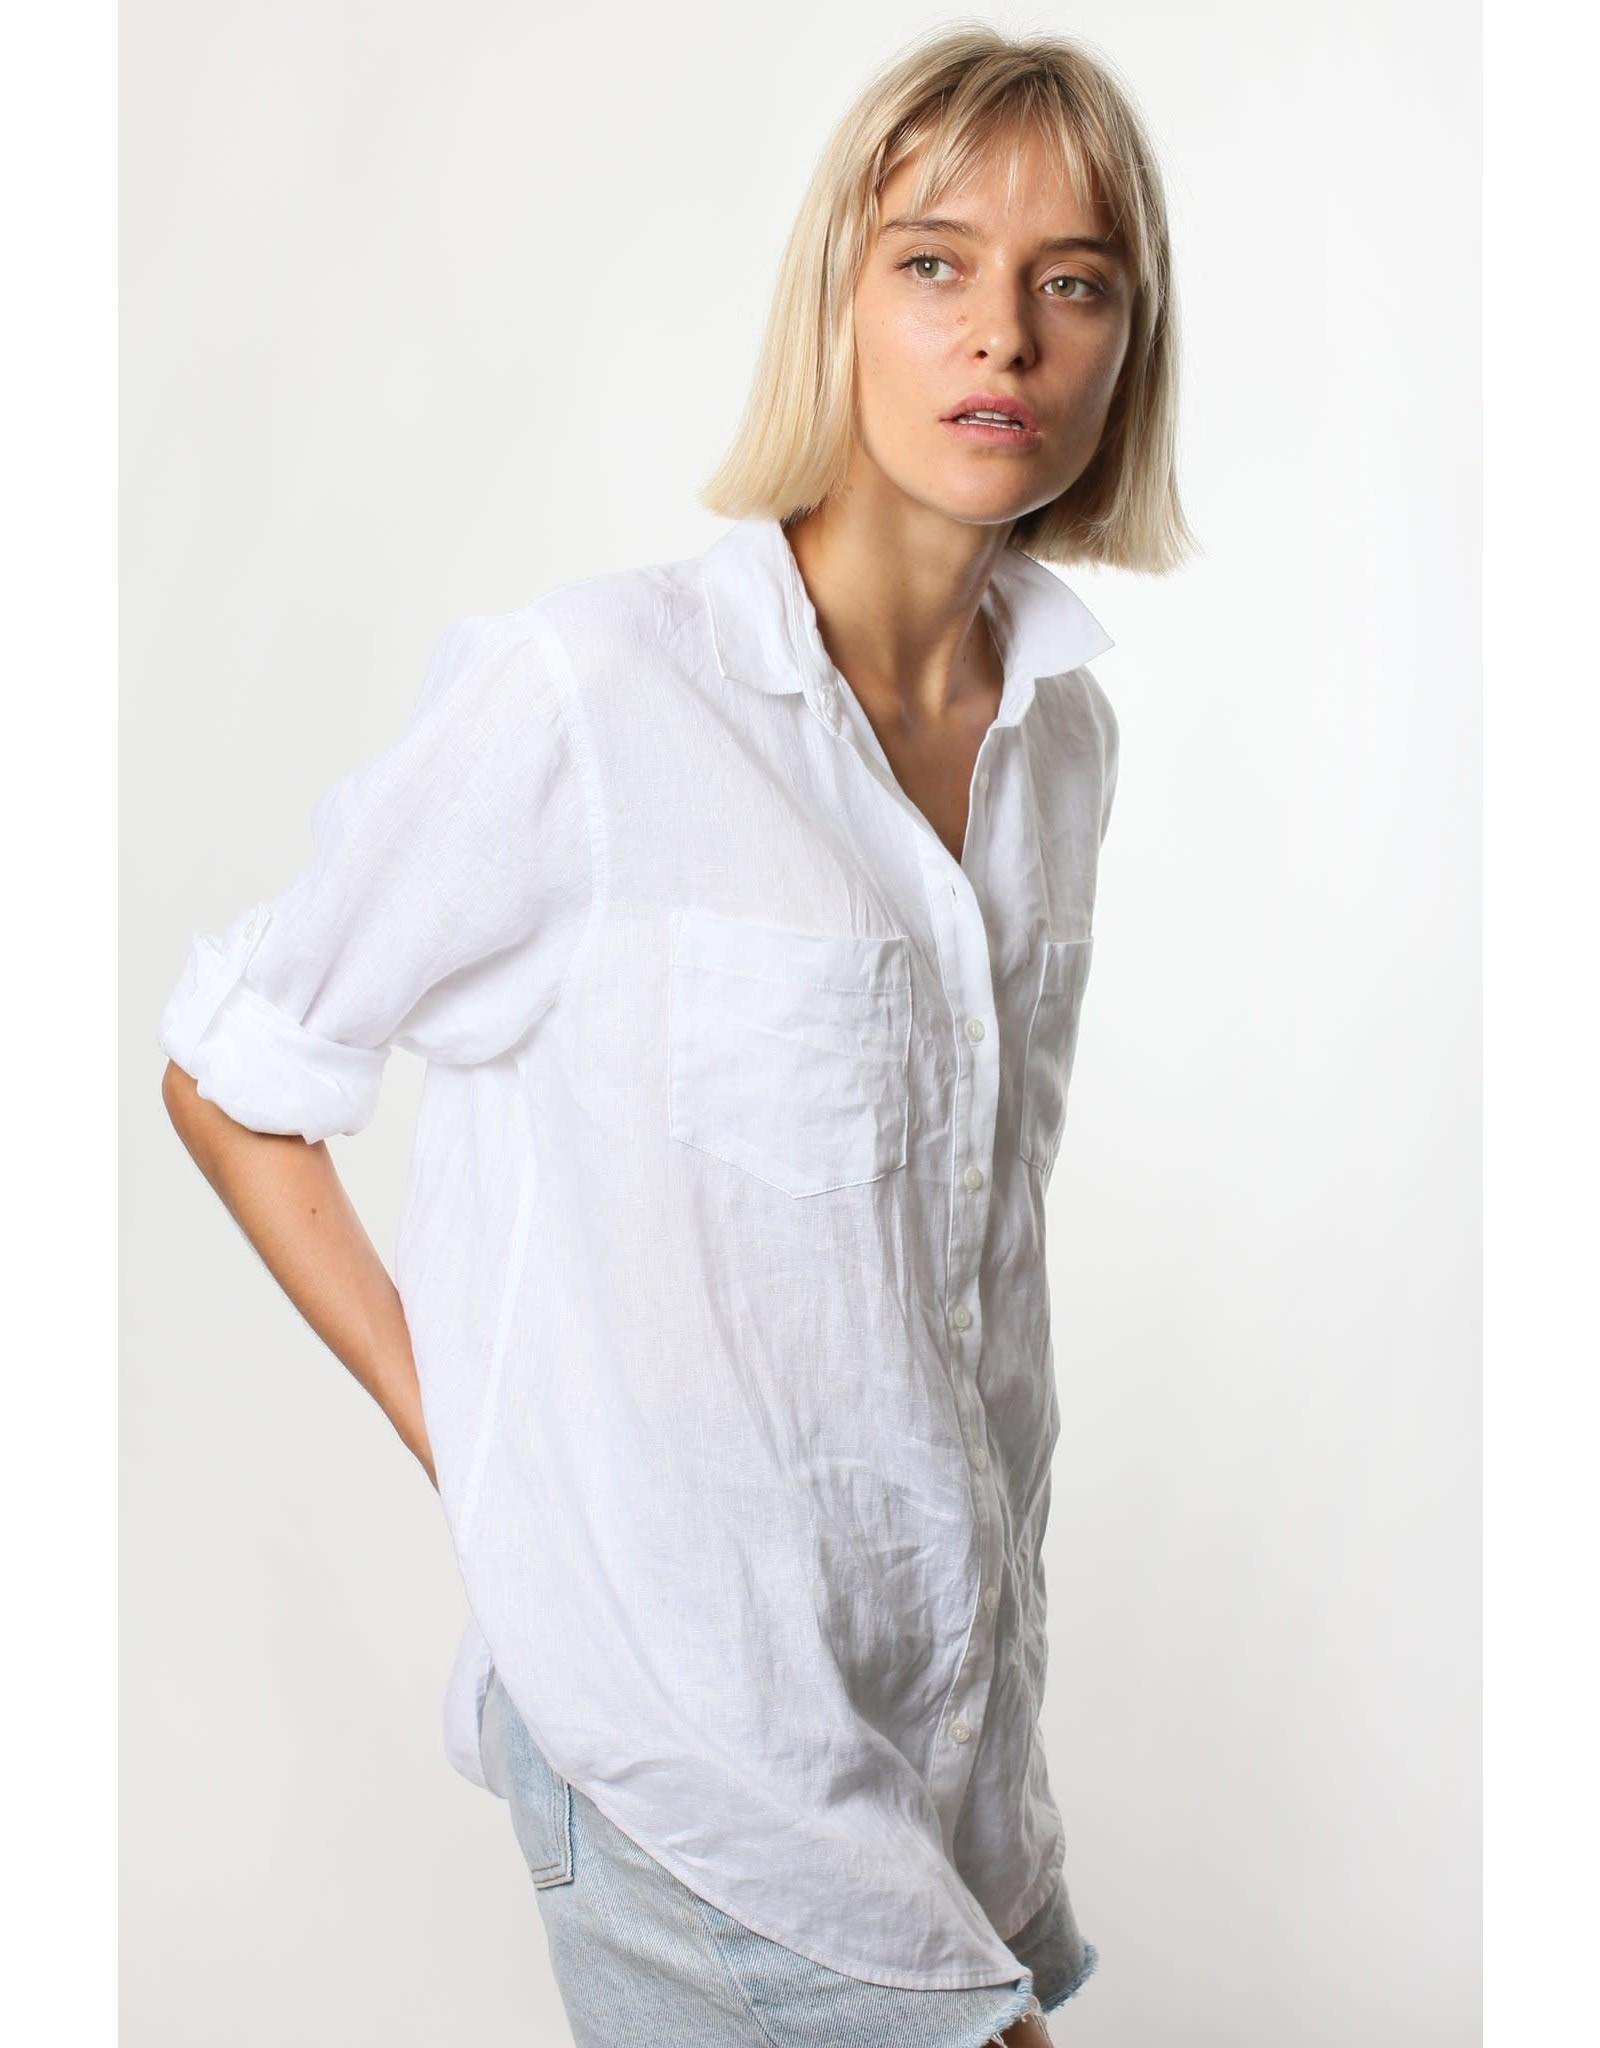 Hut Clothing The Boyfriend Linen Shirt